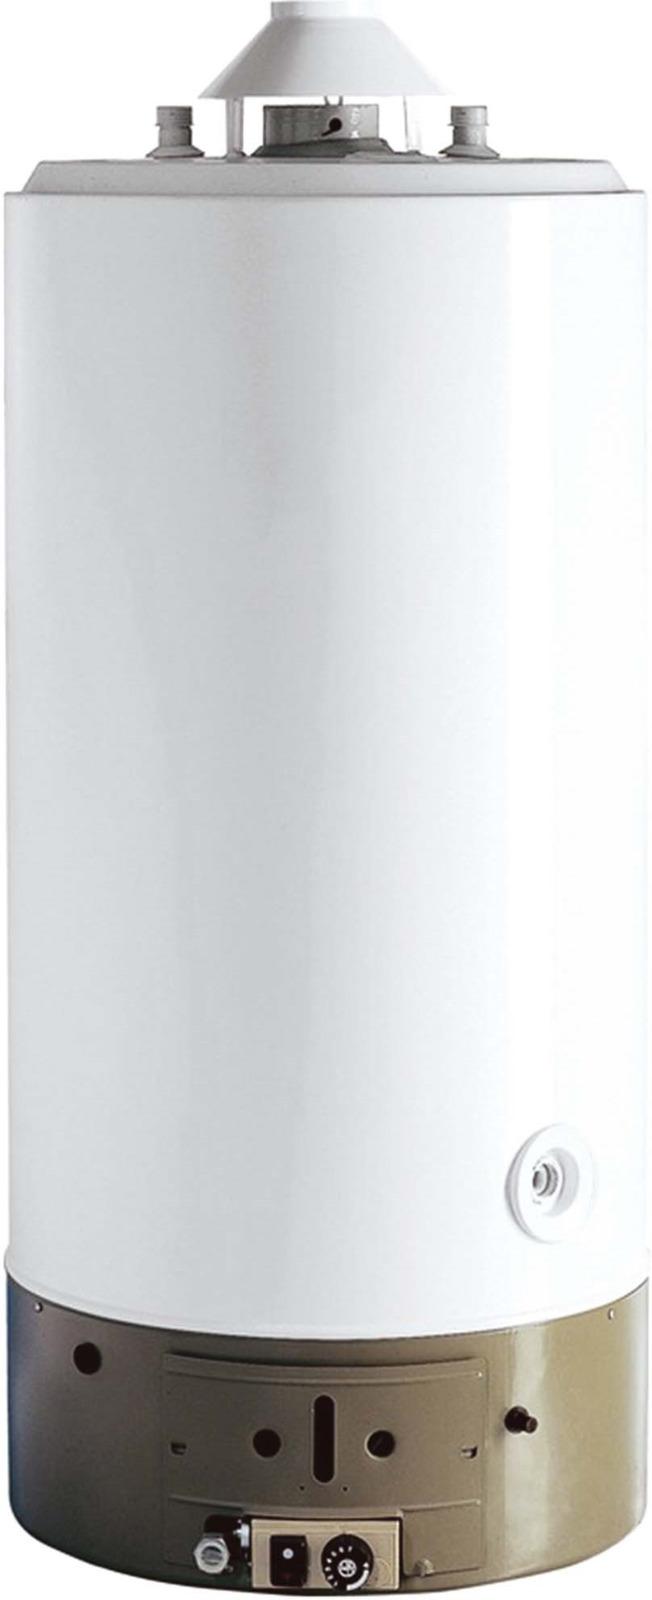 Газовая колонка Ariston SGA 120, накопительная, 115 л, белый электрический накопительный водонагреватель ariston sga 120 r